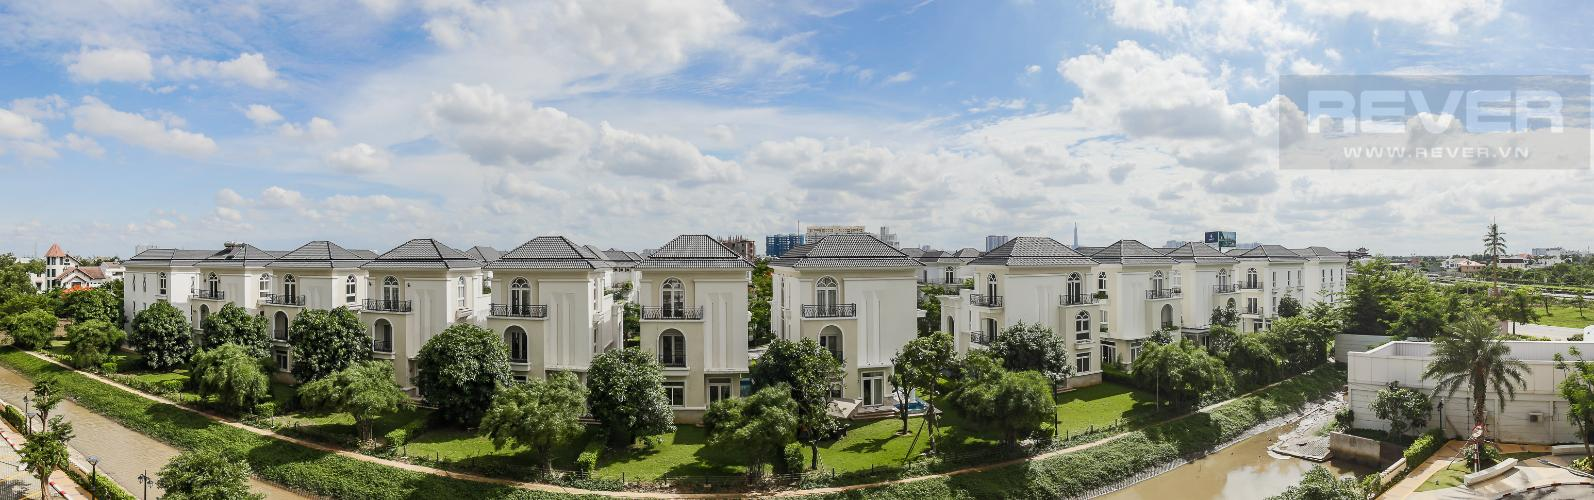 View Bán căn hộ Jamila Khang Điền 2PN, tầng thấp, nội thất cơ bản, view khu dân cư ven sông